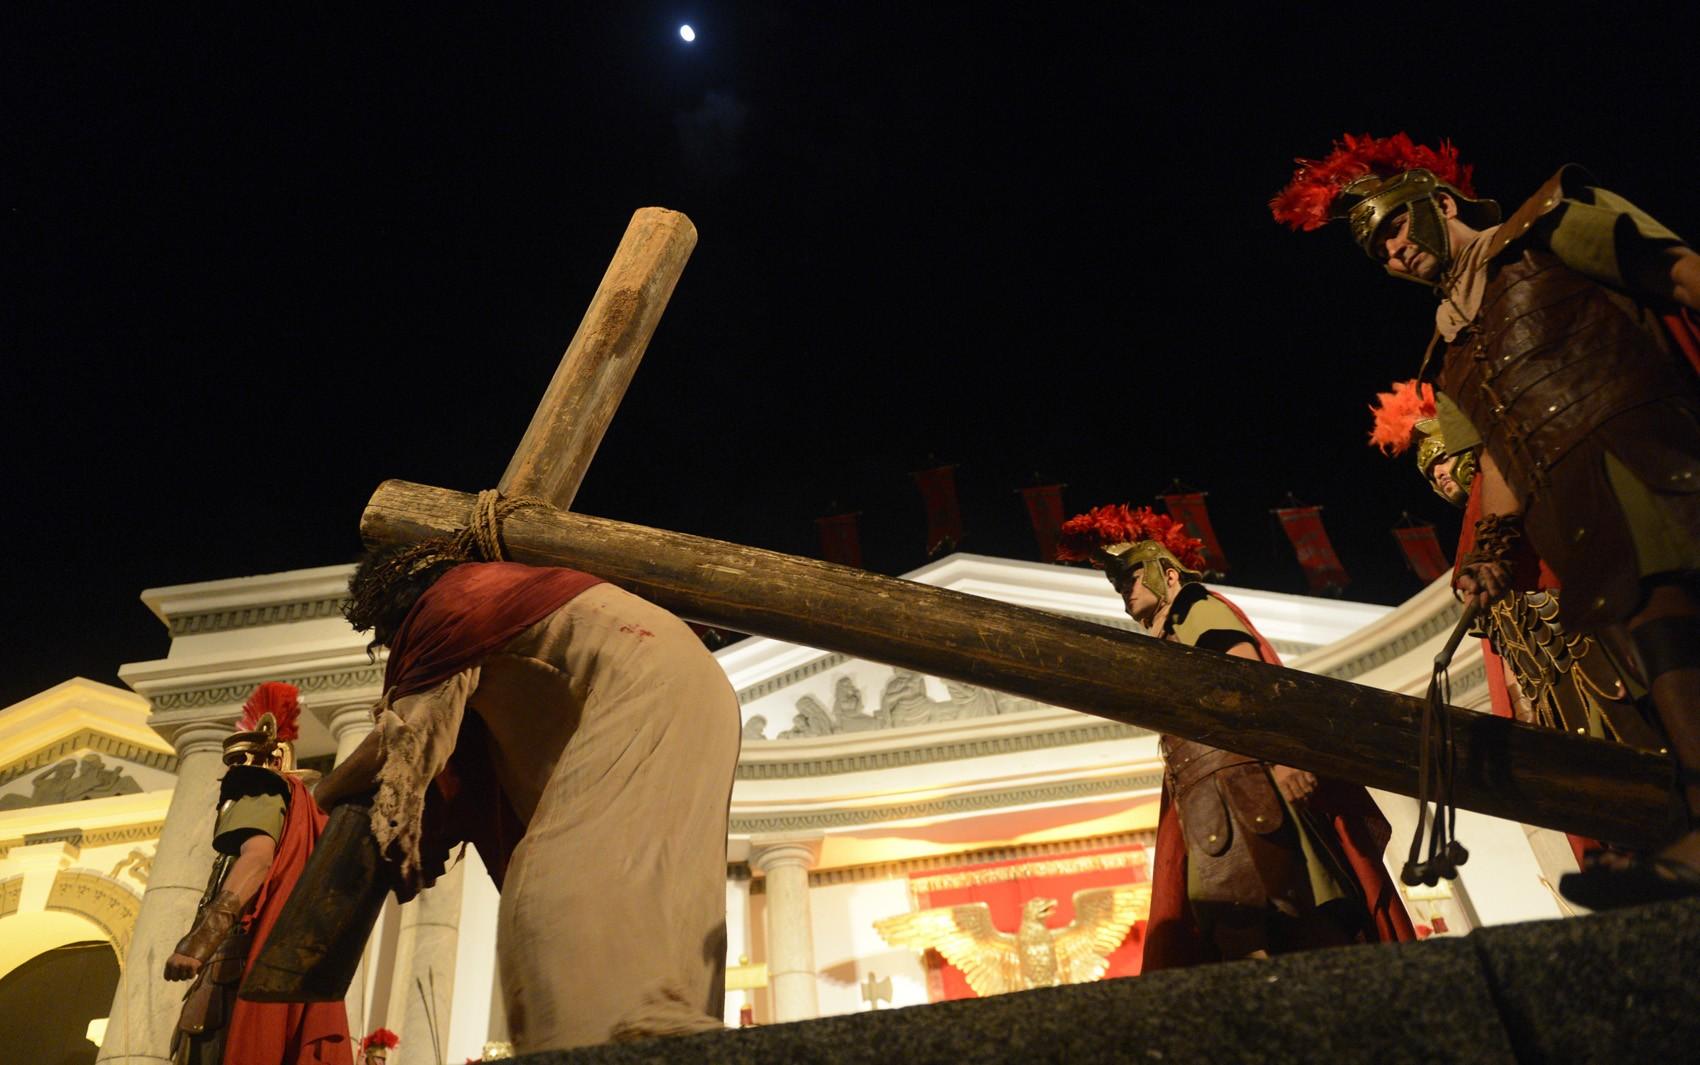 Jesus carregando sua cruz no começo da Via Crucis, partindo do Fórum de Jerusalém. (Foto: Luka Santos / G1)